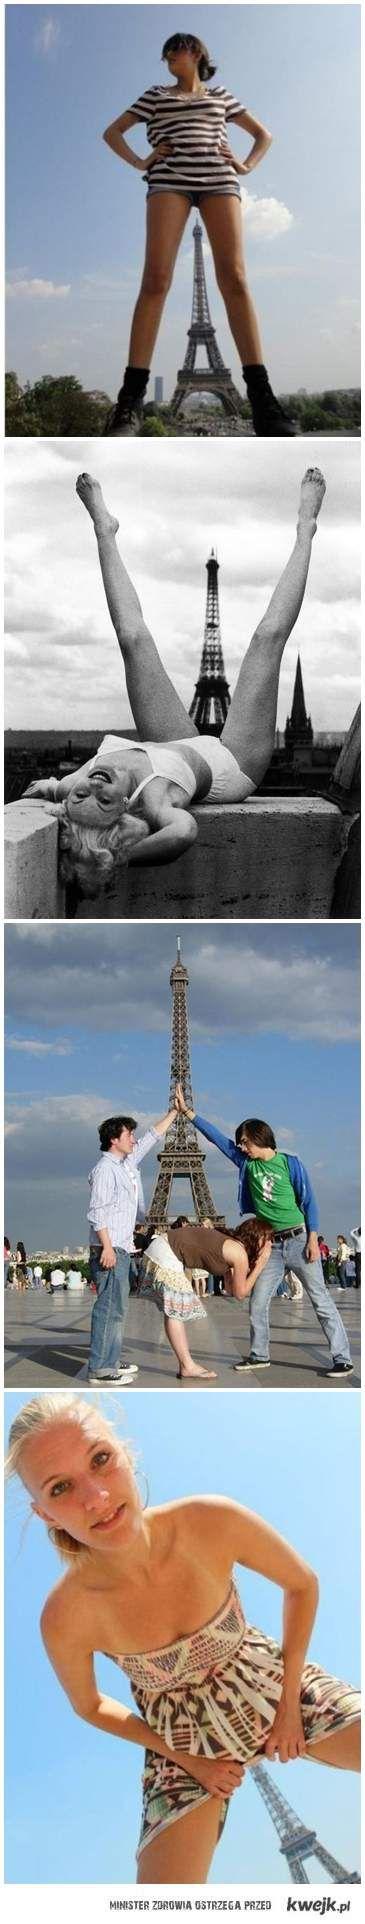 Trochę inne zdjęcia z wieżą Eiffla xD